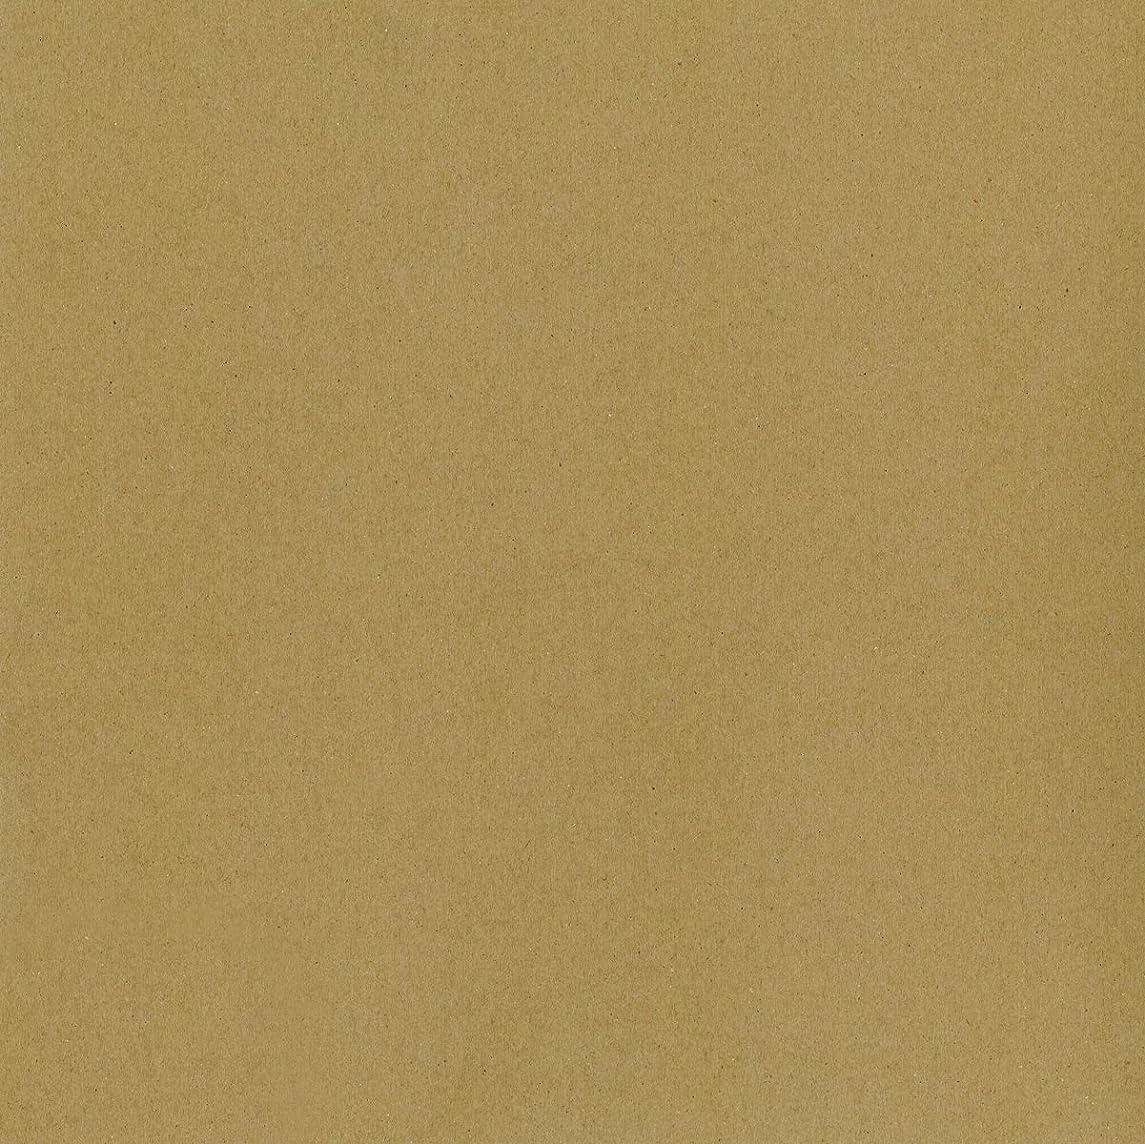 Worldwin Kraft Heavyweight Cardstock, 12 by 12-Inch, 25/Pack